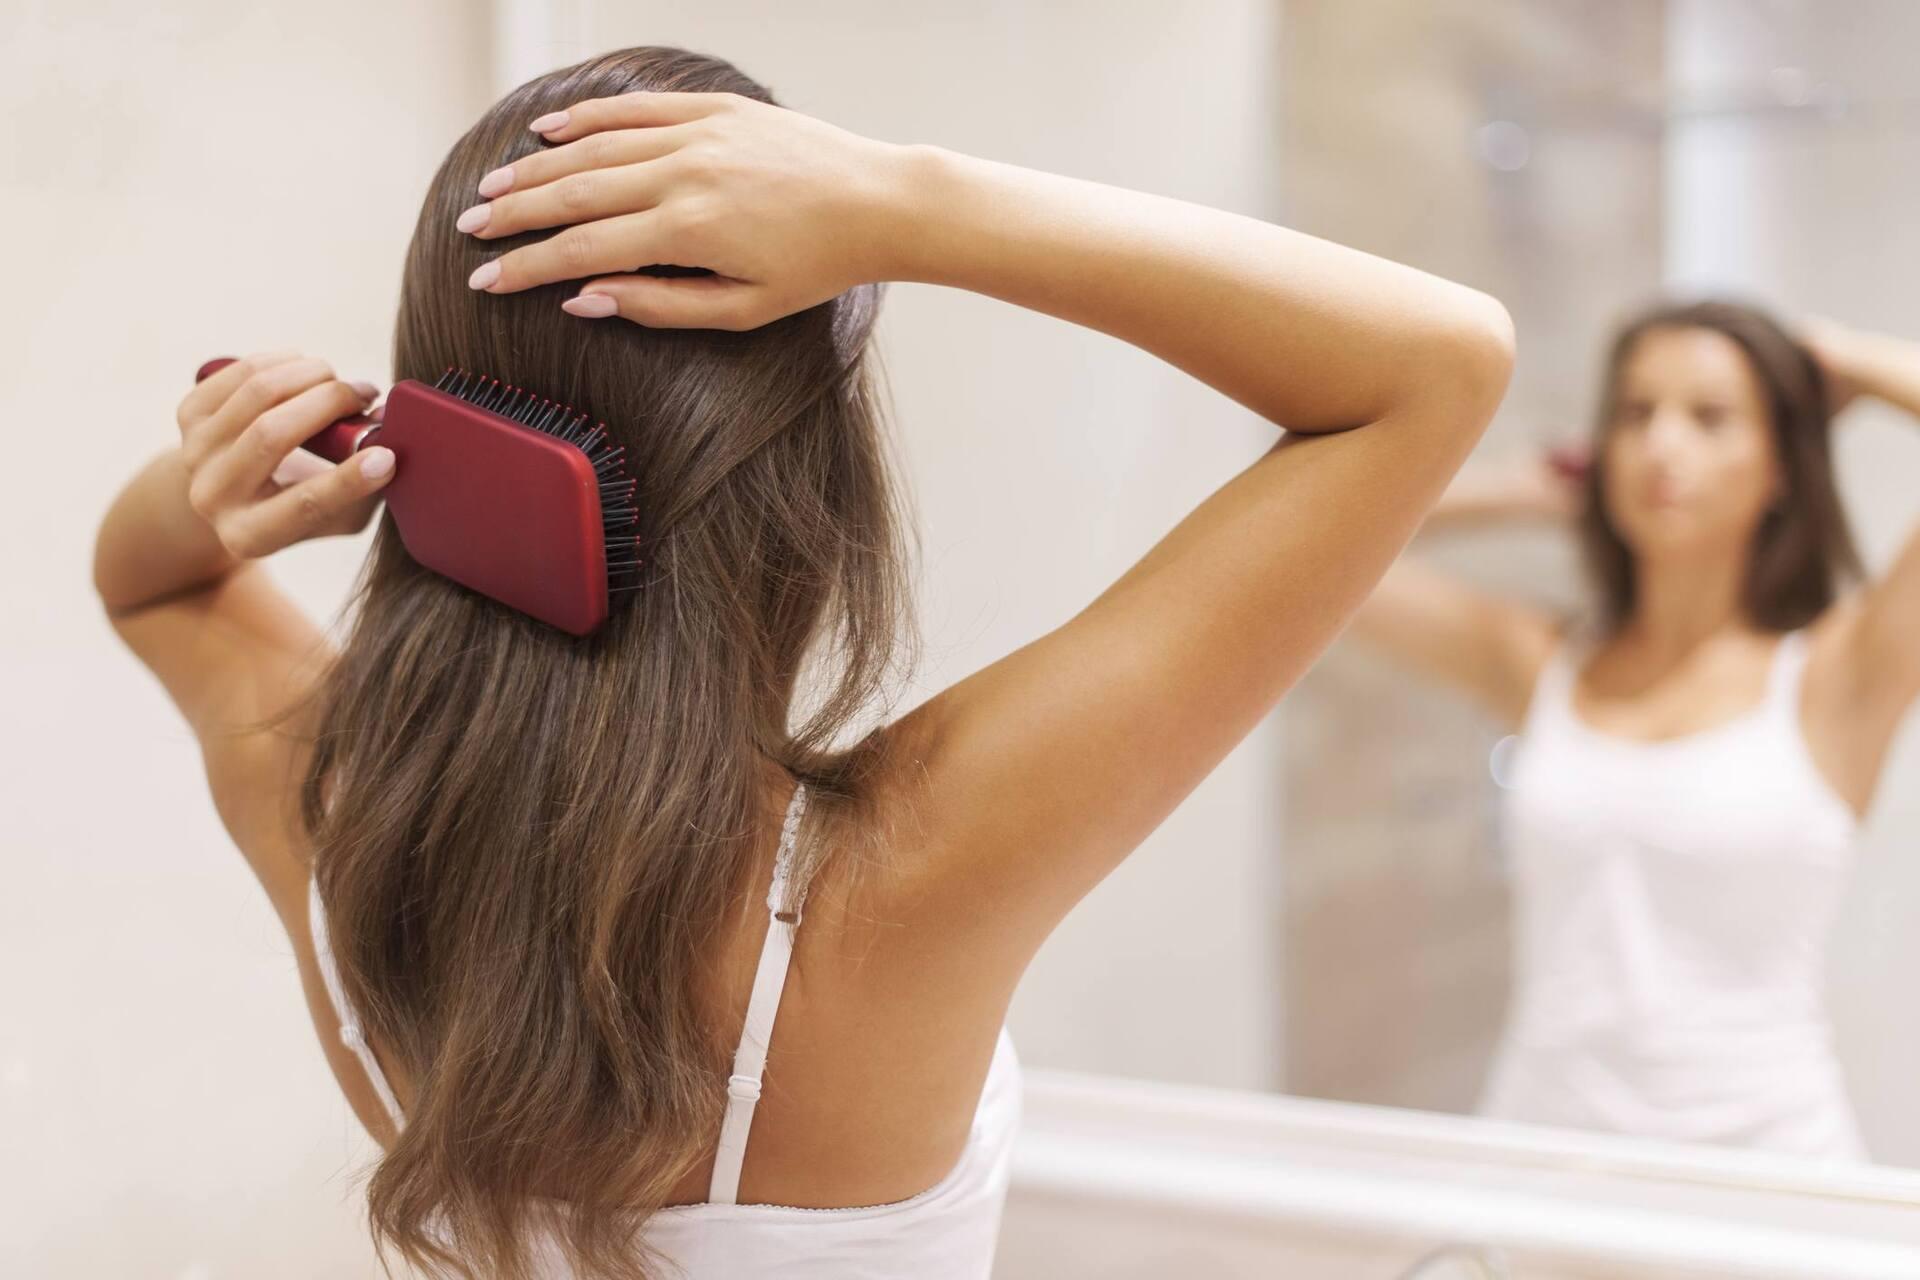 Mulher penteando os fios para dar mais volume ao cabelo